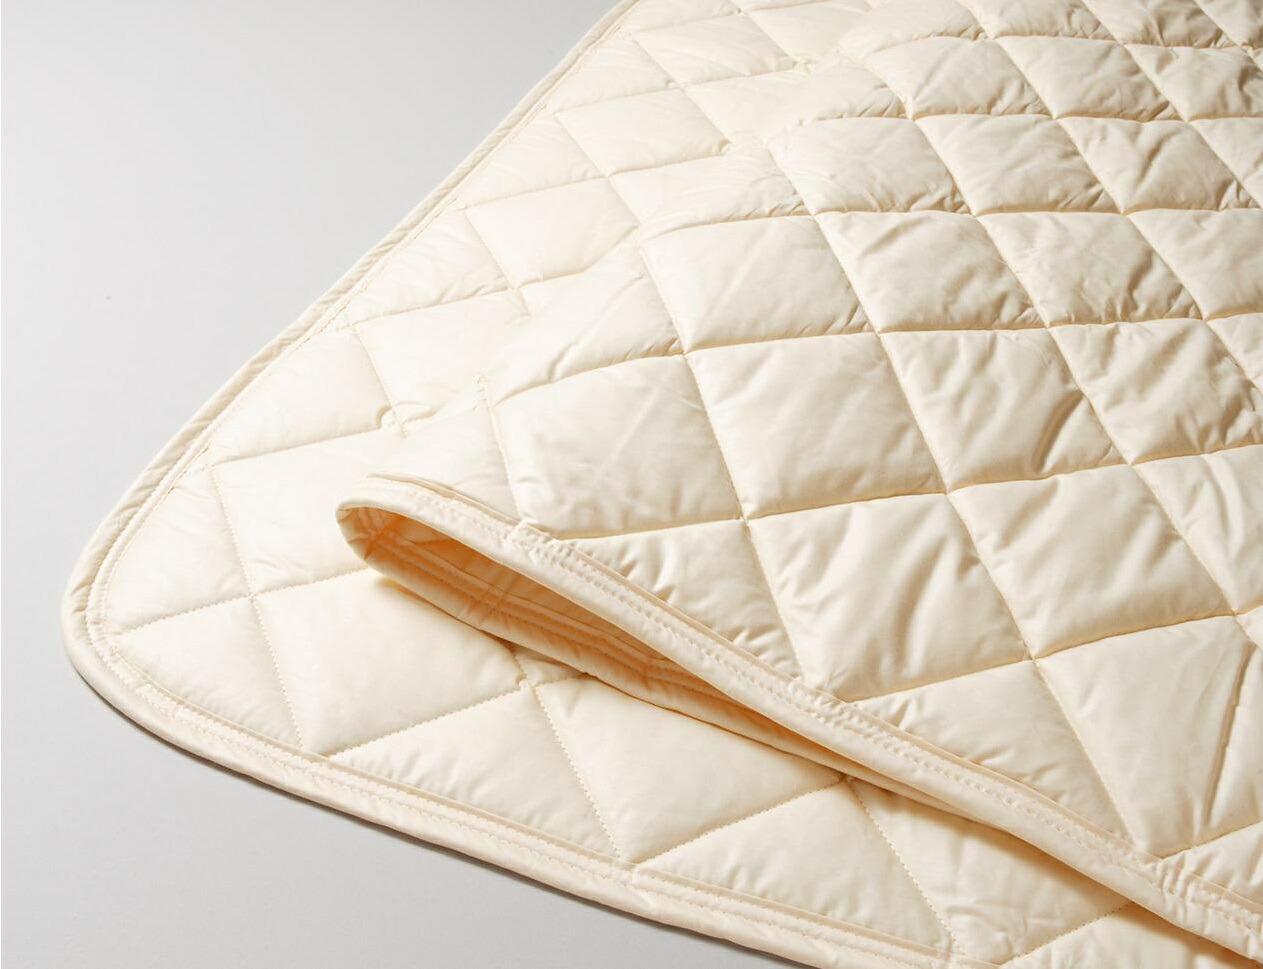 【送料無料】 シーリー ベッドパッド シングルサイズ TPウォッシャブル コットンパッド2 シーリージャパン bedpad 寝具